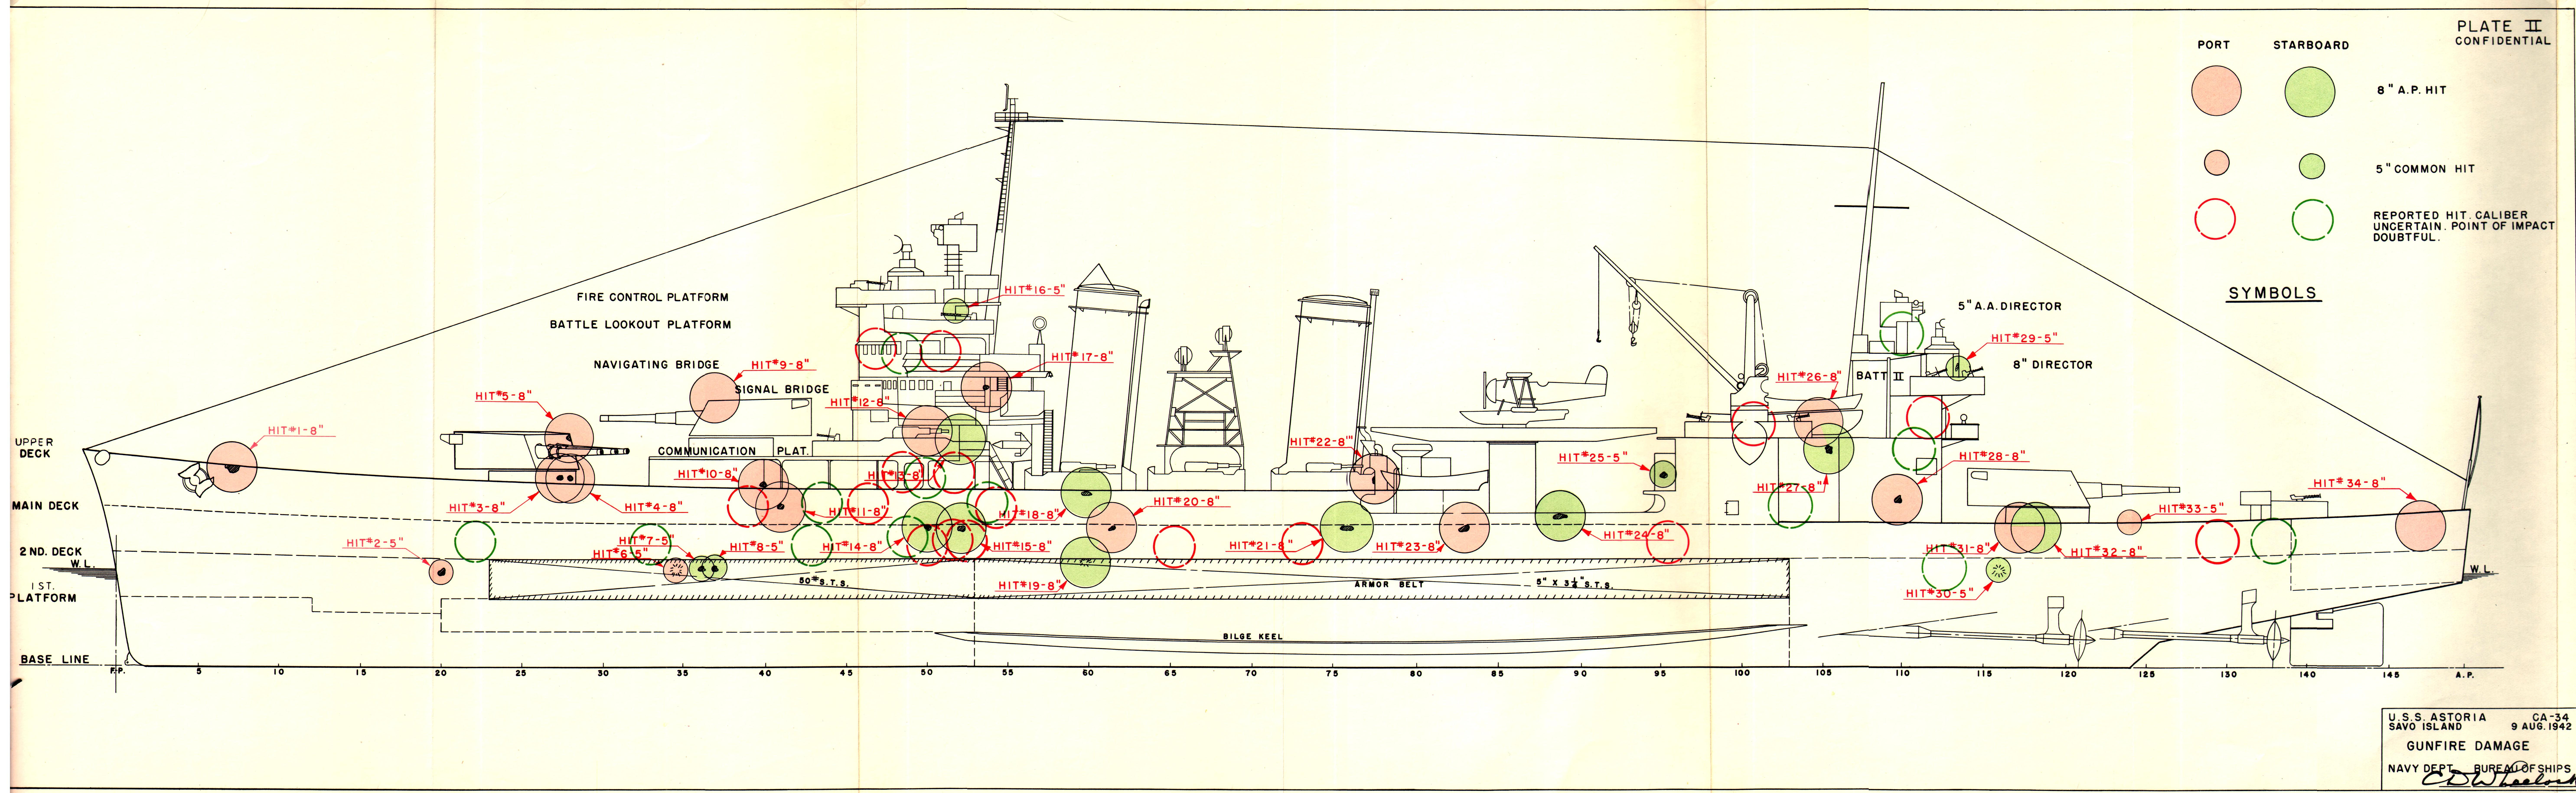 Shell Holder Size Chart: USS Astoria (CA-34) battle damage chart 9 August 1942.JPG ,Chart